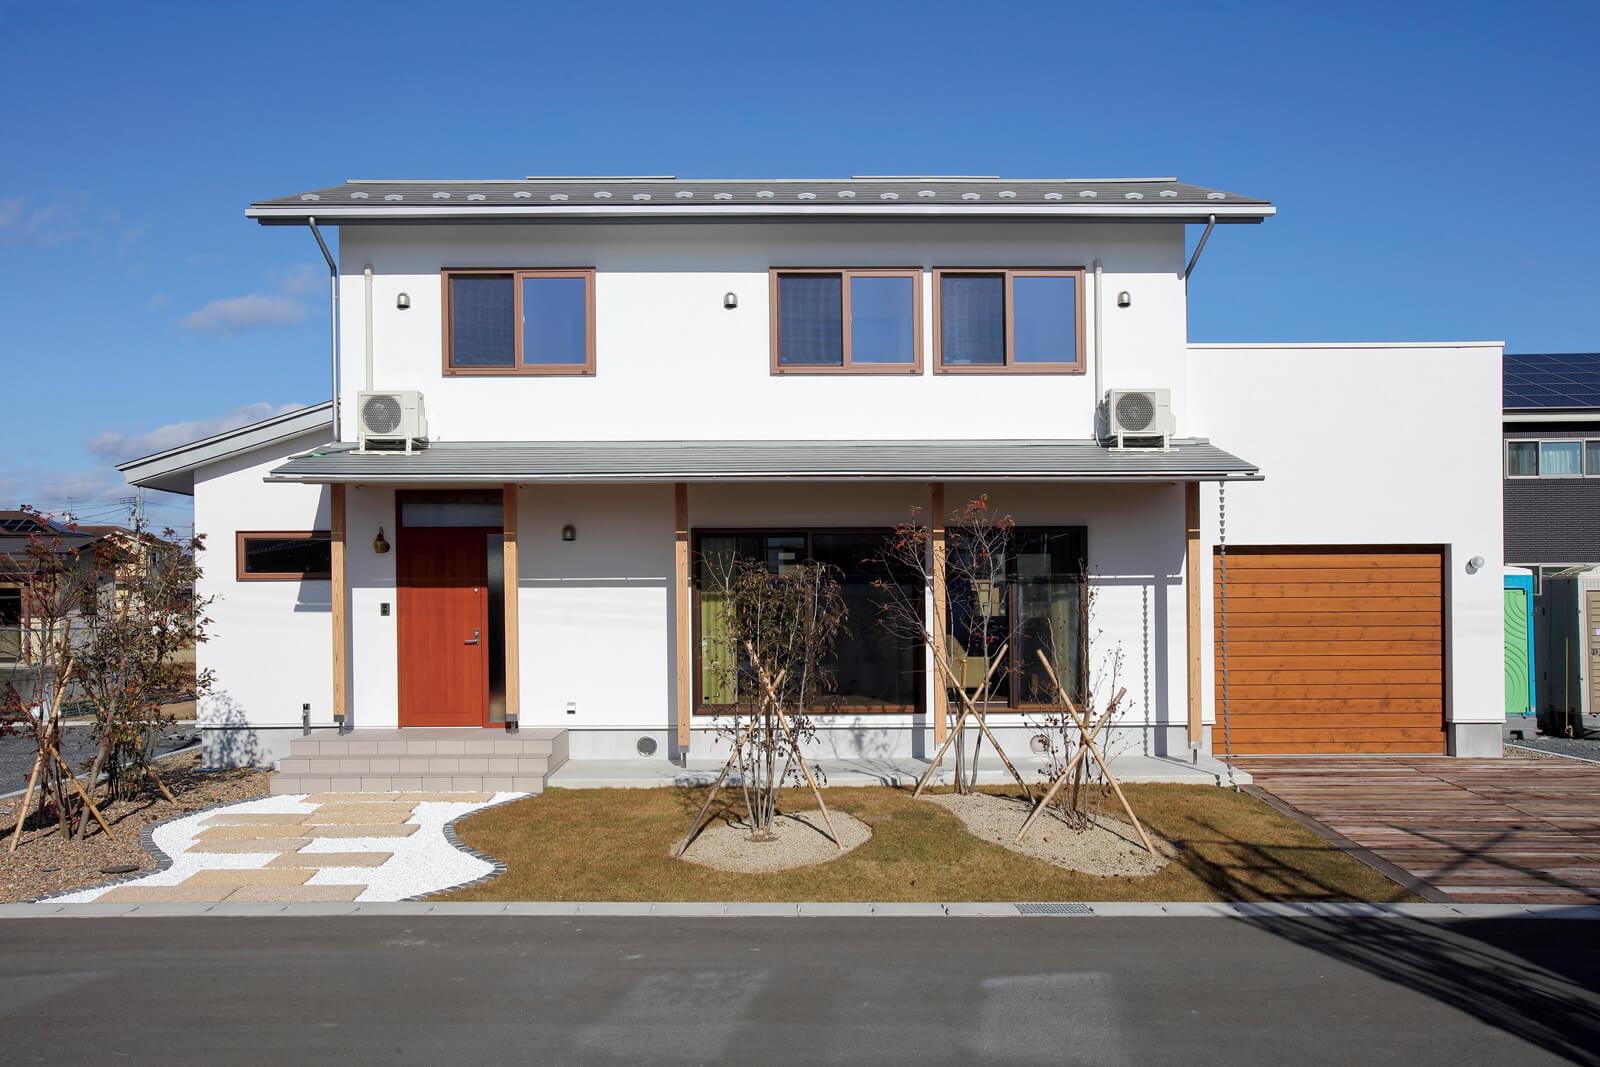 玄関ドア、ガレージのシャッターは木製で、外壁にはホタテ漆喰を施工。大きな庇屋根が夏は日陰をつくり、冬は陽射しをとり入れる